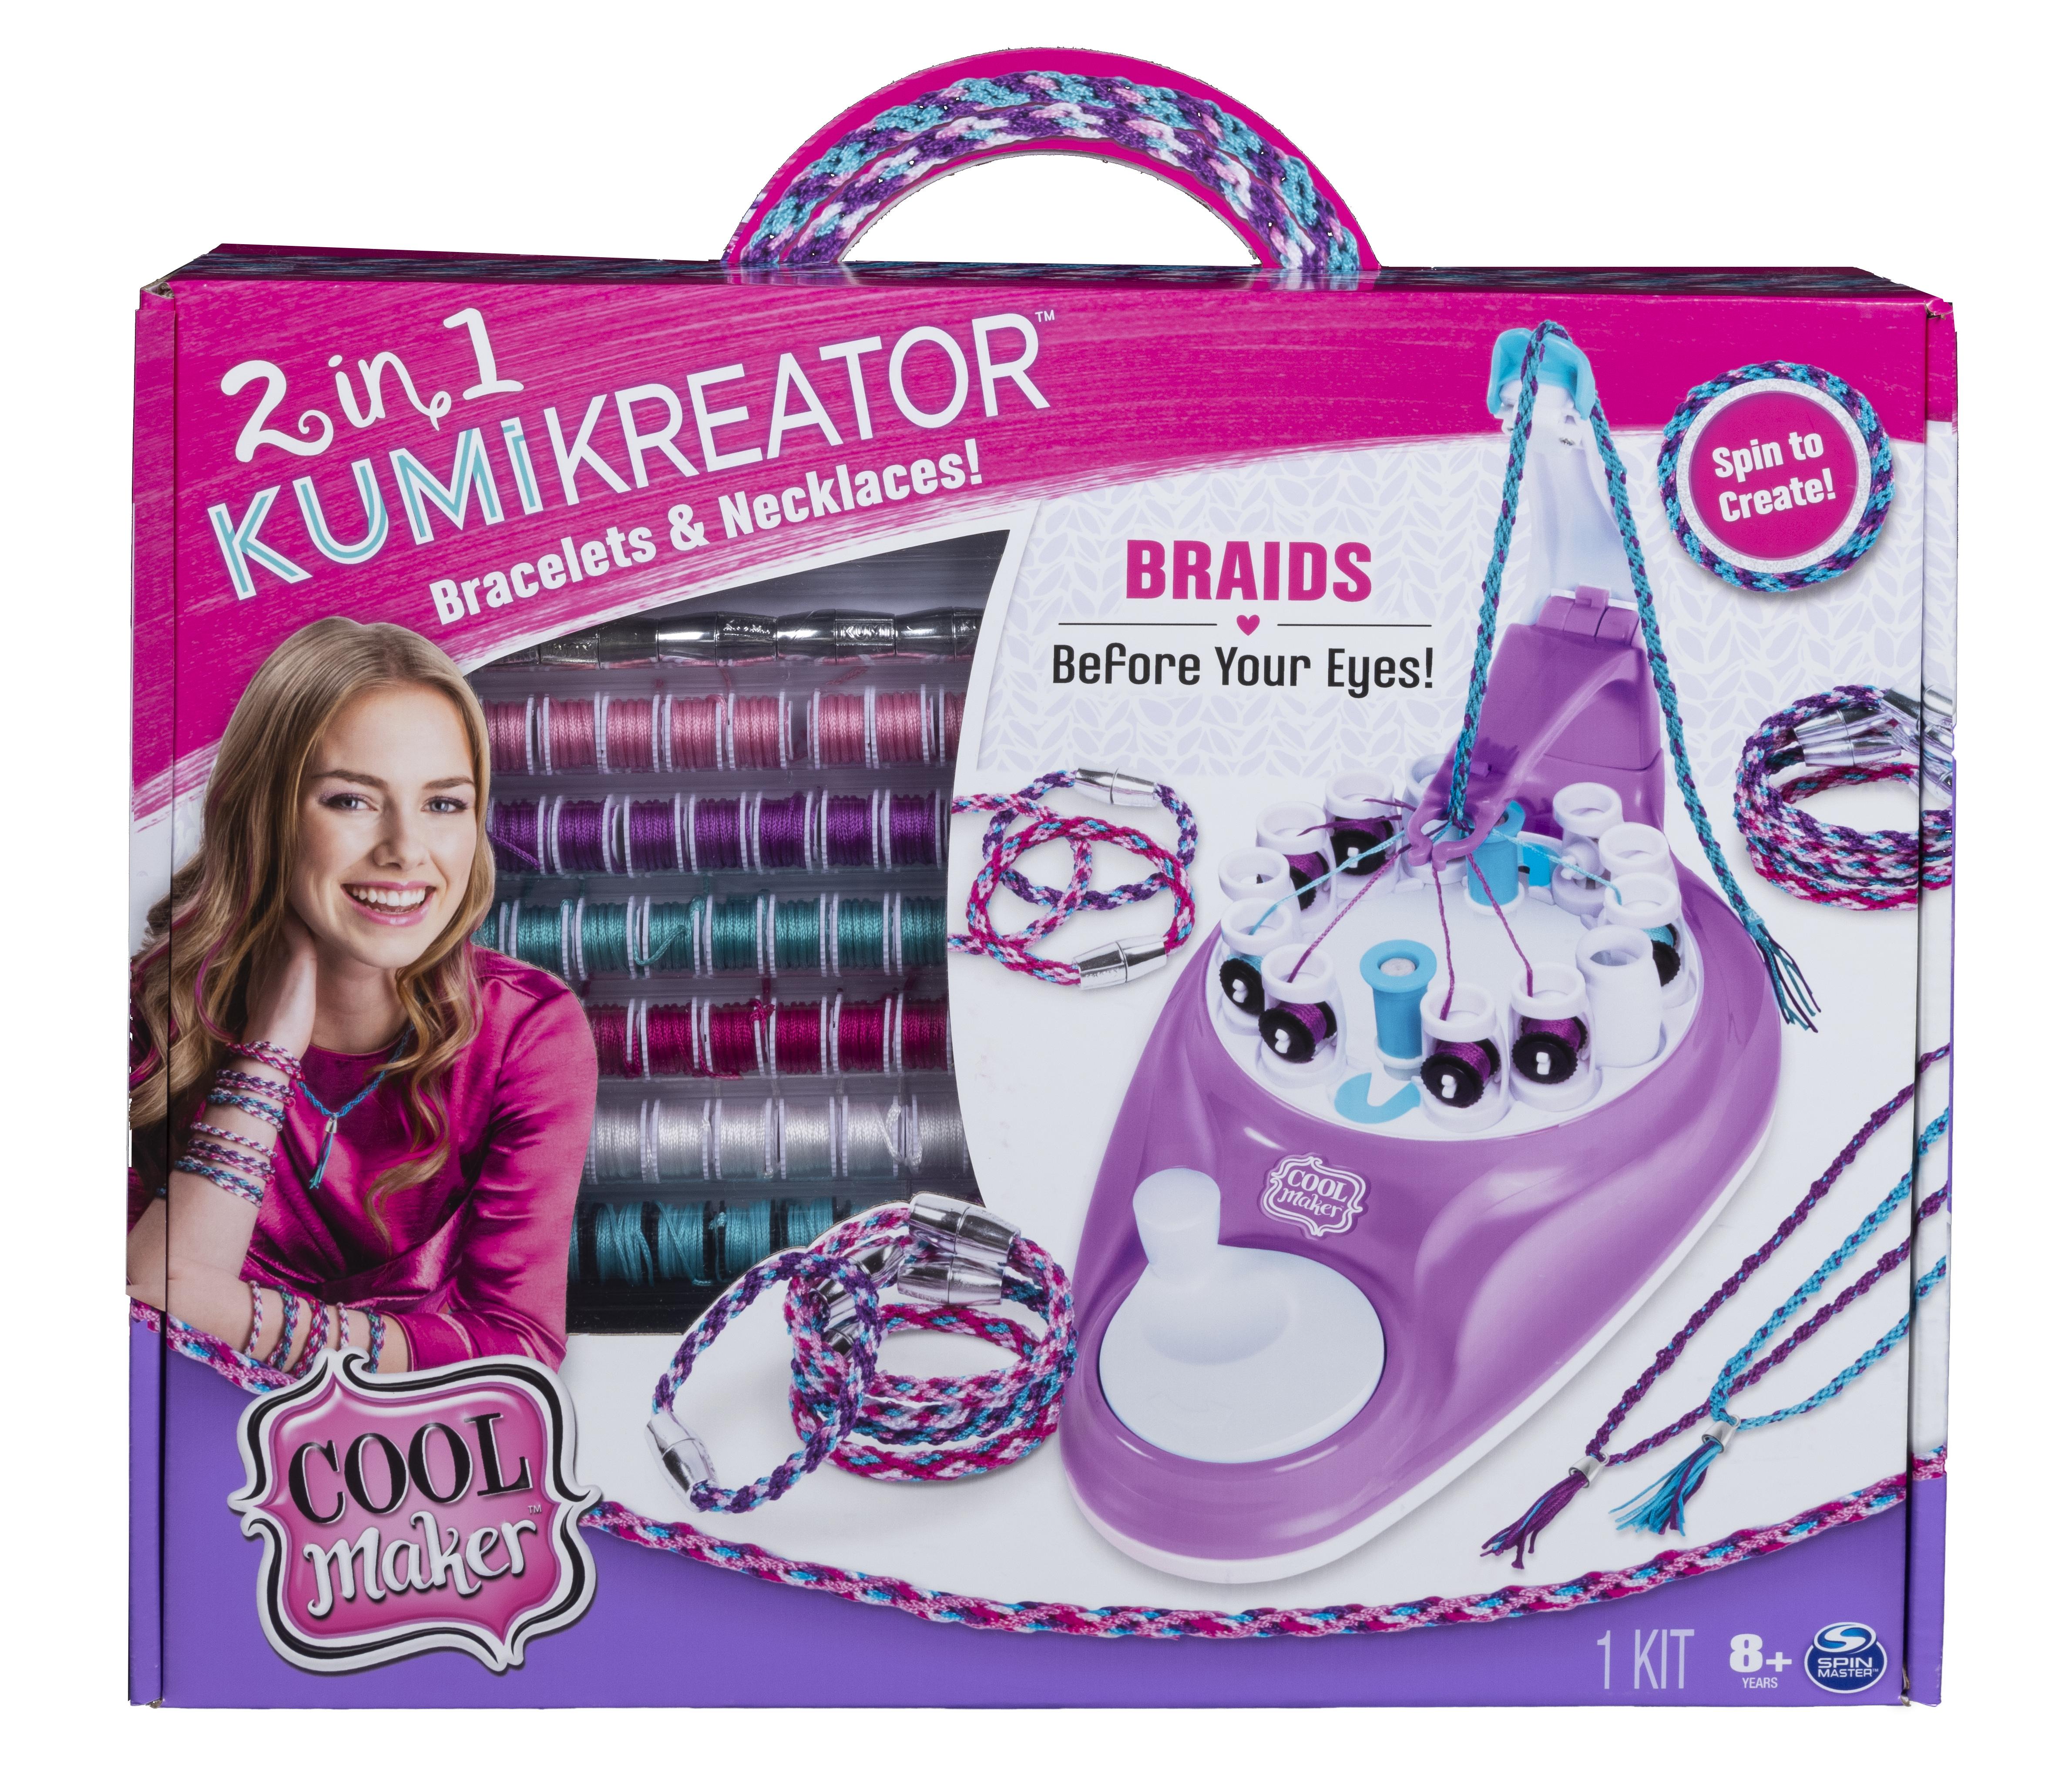 Cool Maker KumiKreator 2‐in‐1 Maker